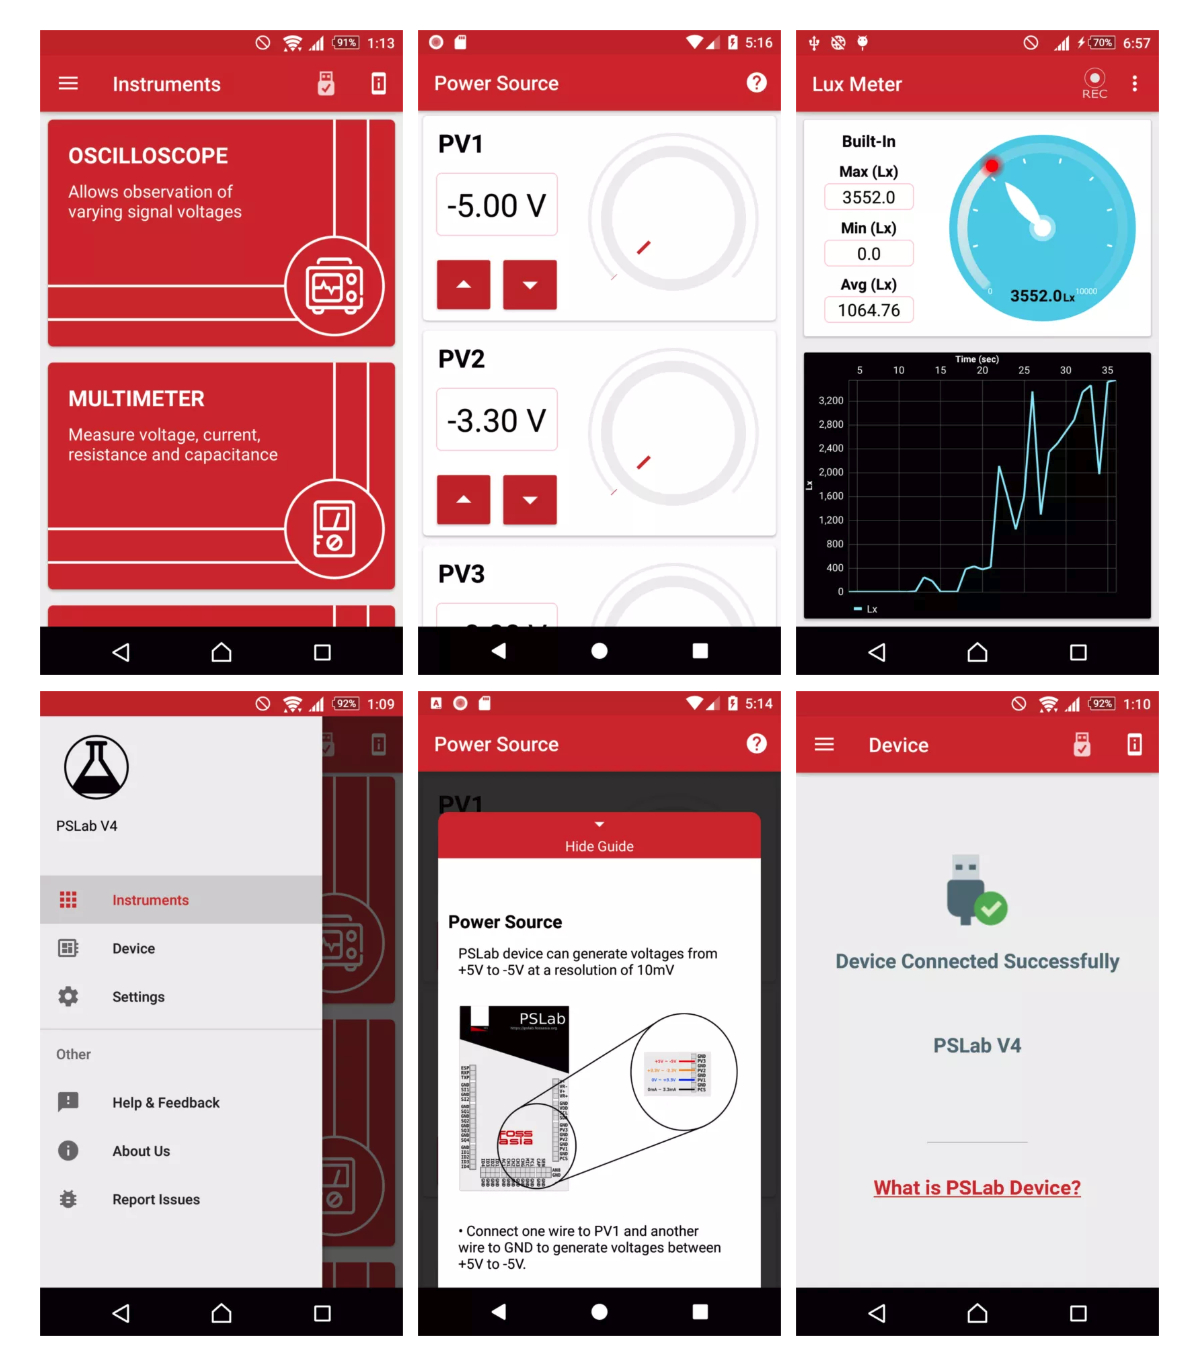 app of psl